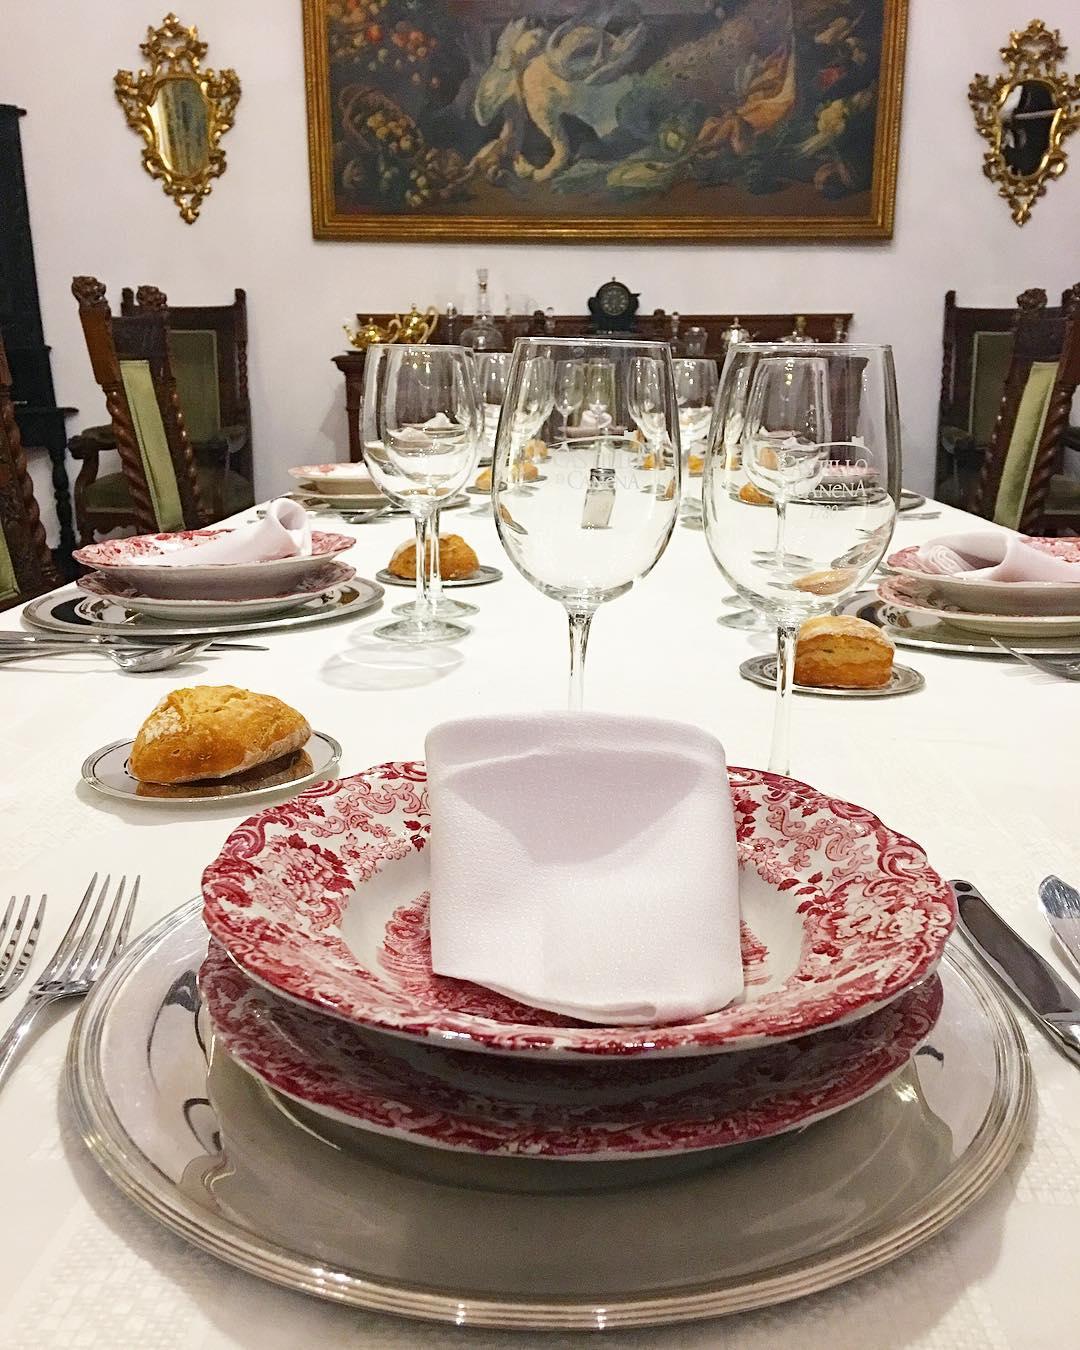 En el castillo como una princesa . . ➕ Castello de Canena • Producteur d'huiles d'olive ?  Canena • Spain ?? . ? 6 jours en ANDALOUSIE . ?? tout suivre sur #PintadeEspagne .  ________________  #andaluciatasteslike #andalousie #spain #espagne #andalucia #tourismo #gastronomie #food #blogfood #foodblogger #tourisme #travel #travelblog #blogtravel #trip #citytrip #pintademontpellier #blogvoyage #travelgram #travellover #cityguide #visitspain #almeria #jaen #granada #malaga #castillodecanena